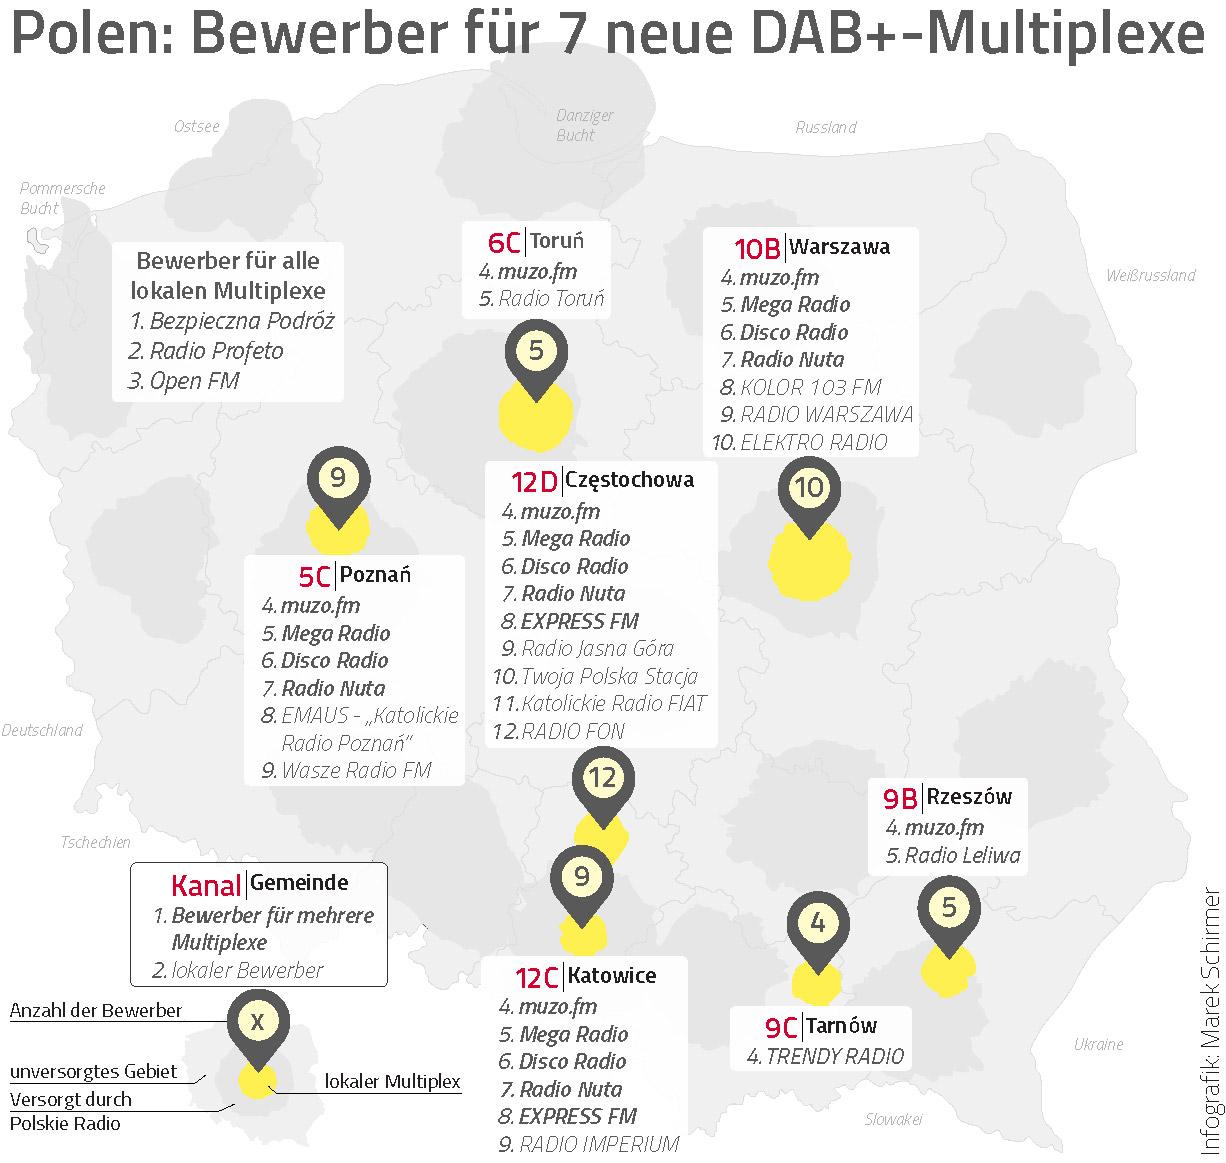 Polen: Bewerber für 7 neue DAB+ Multiplexe